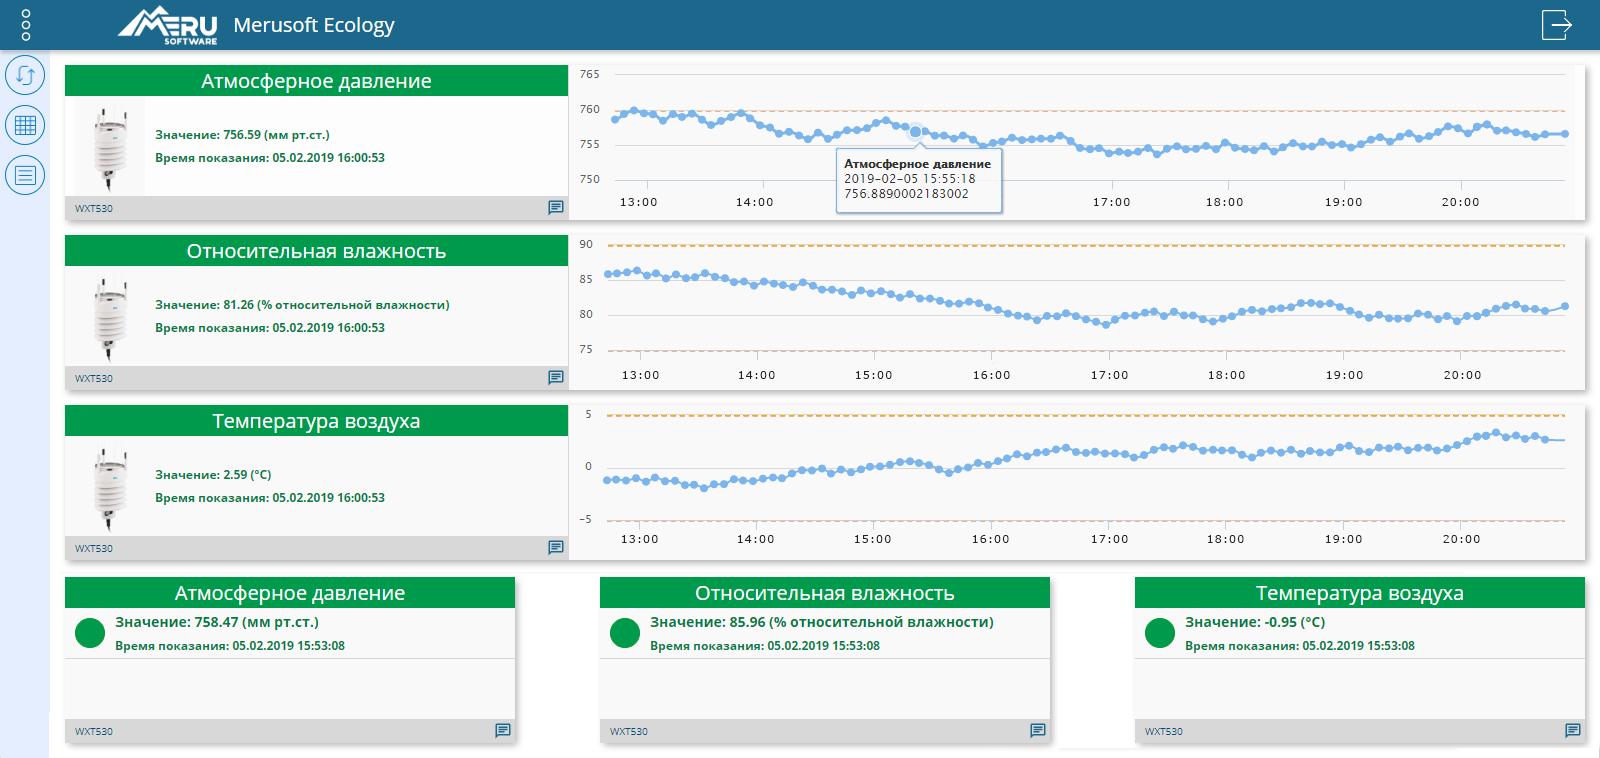 Интеграция метеостанции Viasala серии WXT530